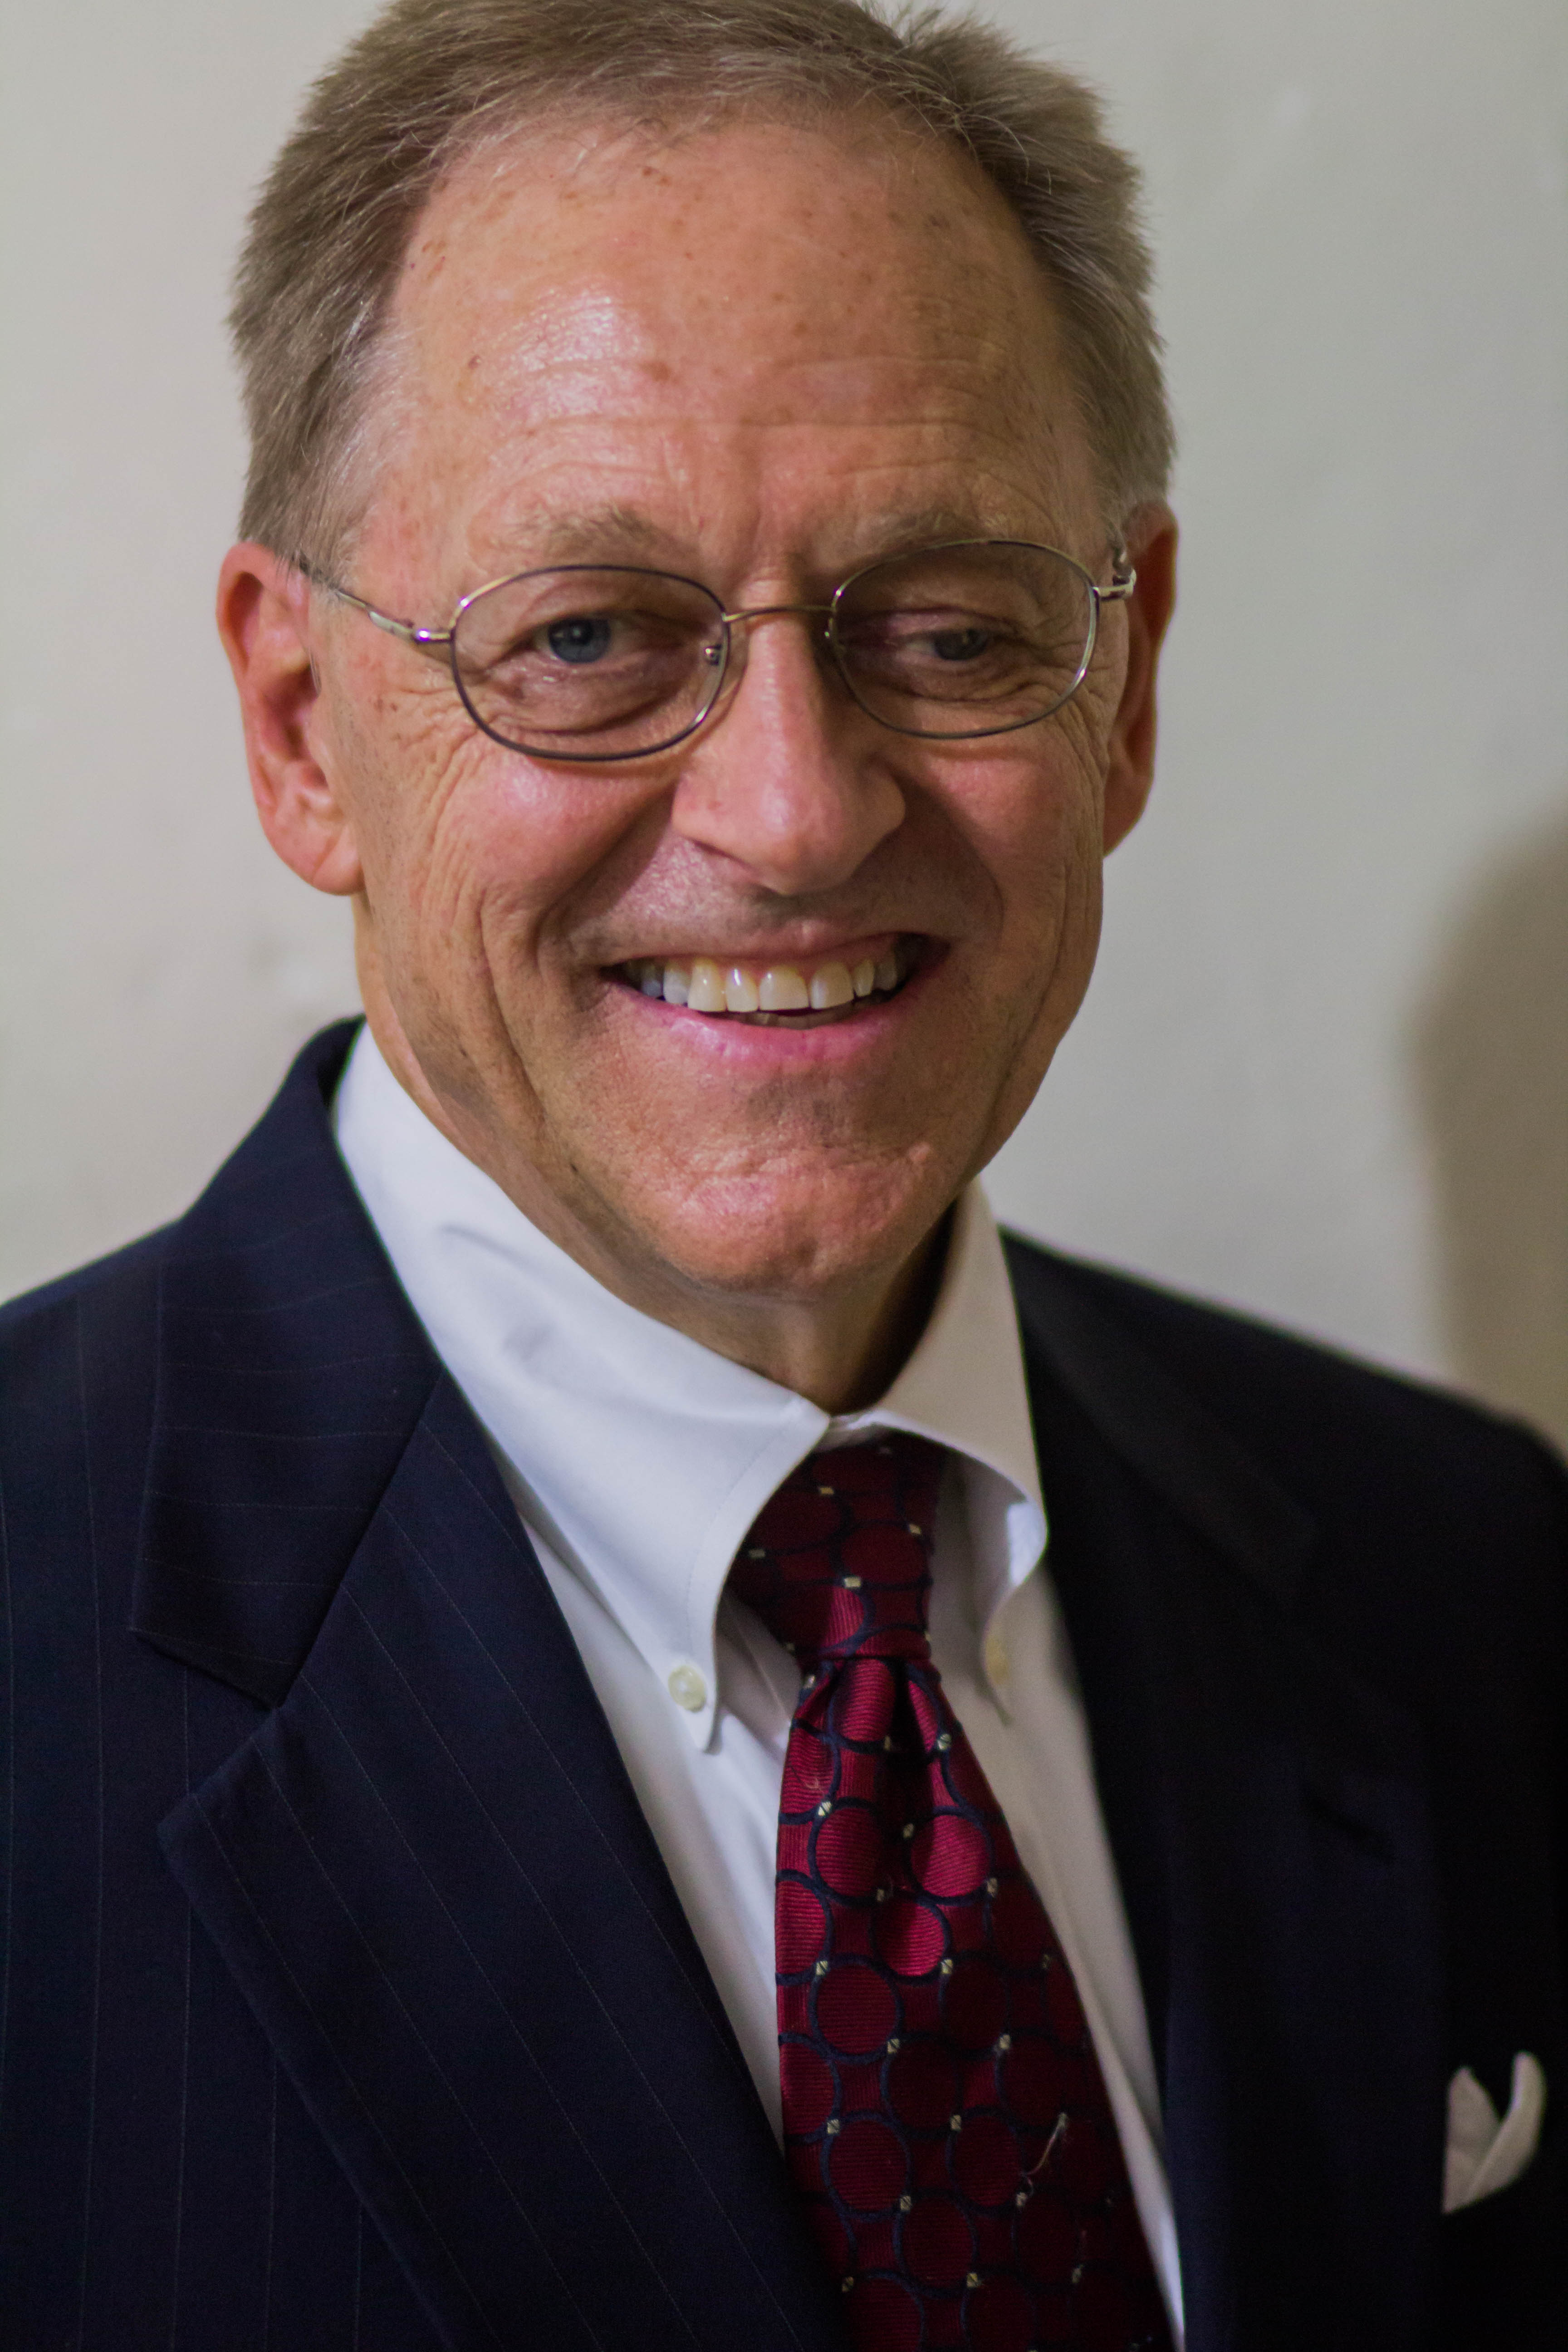 Dr Harlan Betz